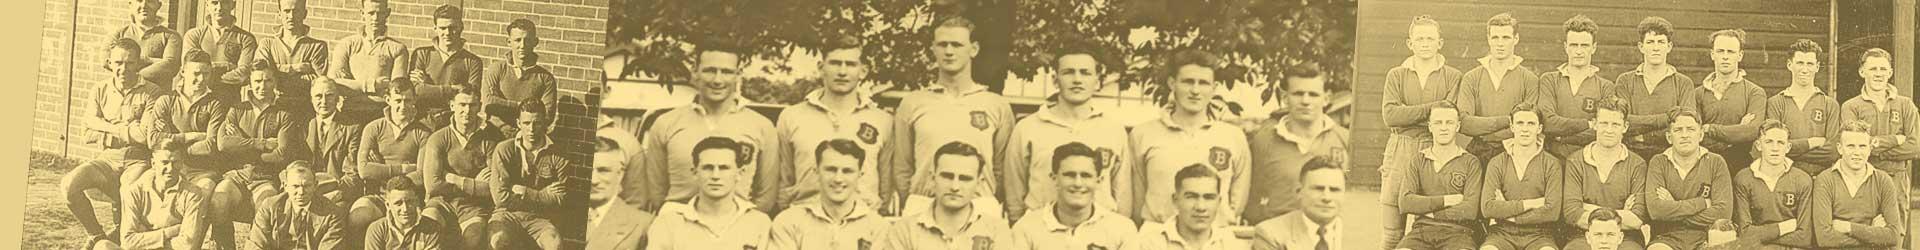 Old team photos of Briars Rugby teams